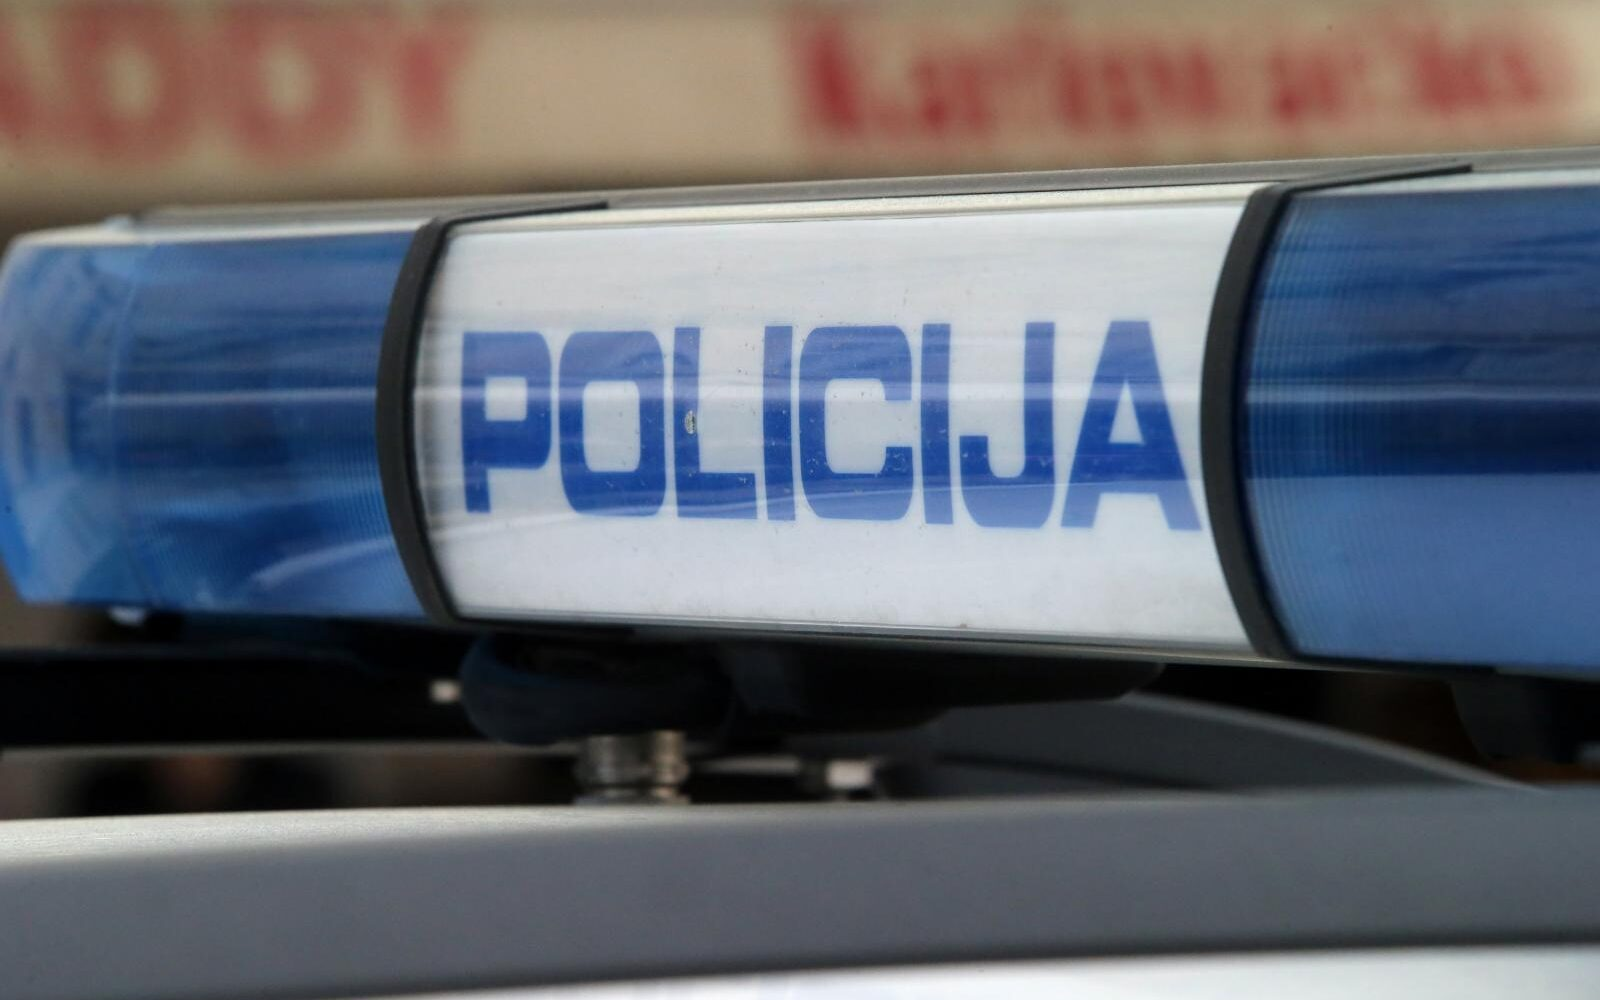 Policija upozorava: Ovakve vrste prevara i ucjena stalno